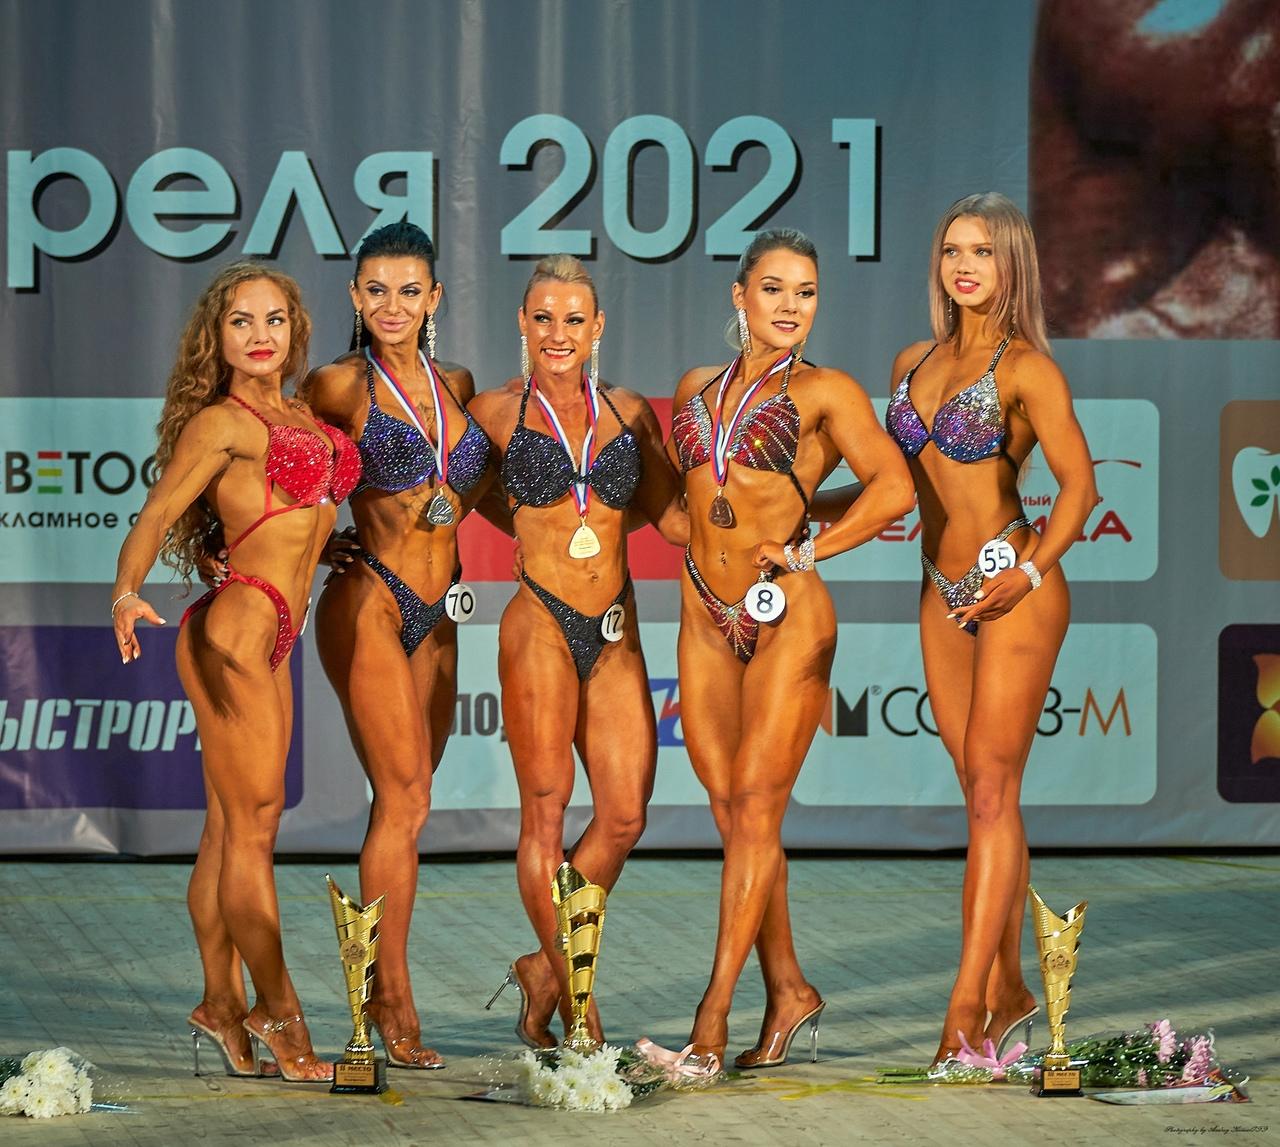 Чемпионат Брянской области по бодибилдингу и фитнесу пройдёт без присутствия зрителей